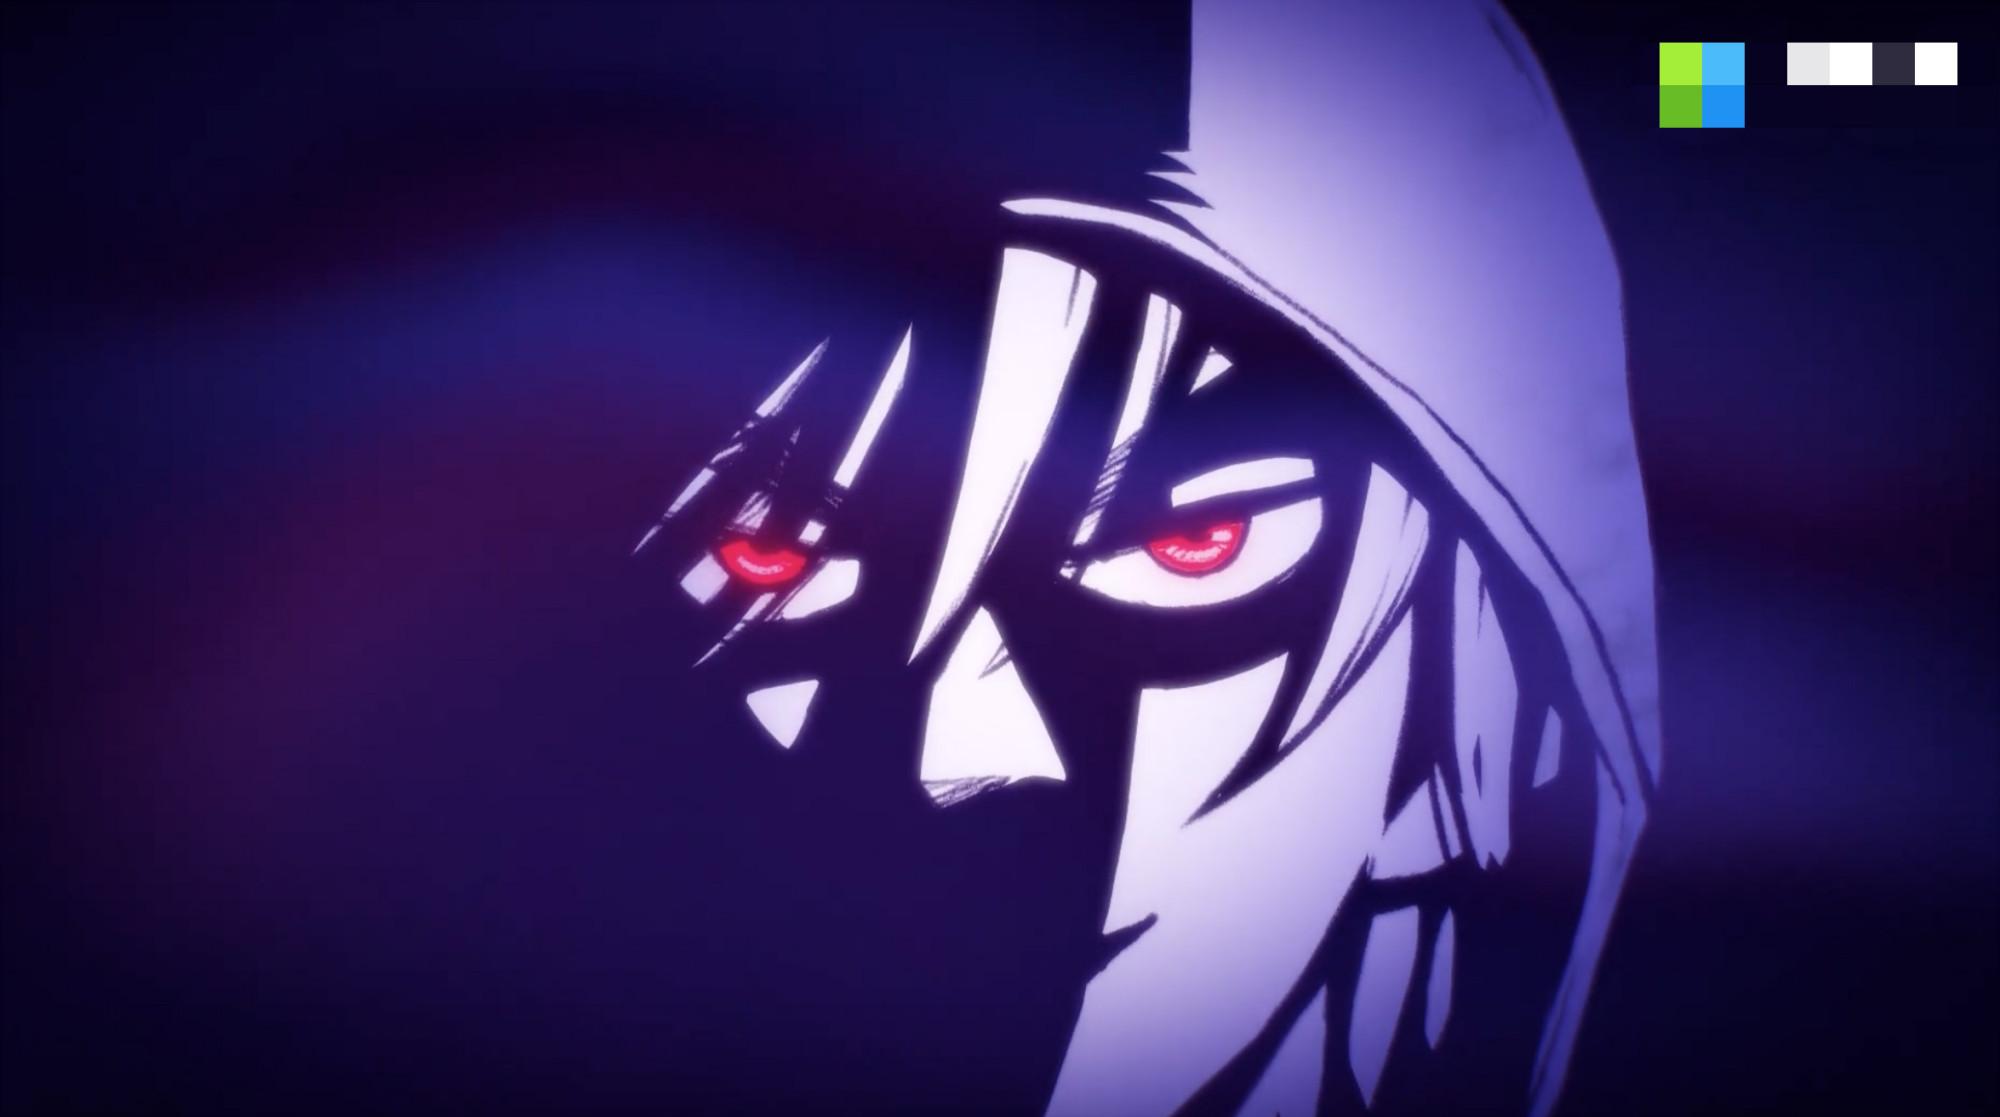 刺客伍六七10集:拒绝大号上线,最强发型师登场,青凤杀死赤牙_实力